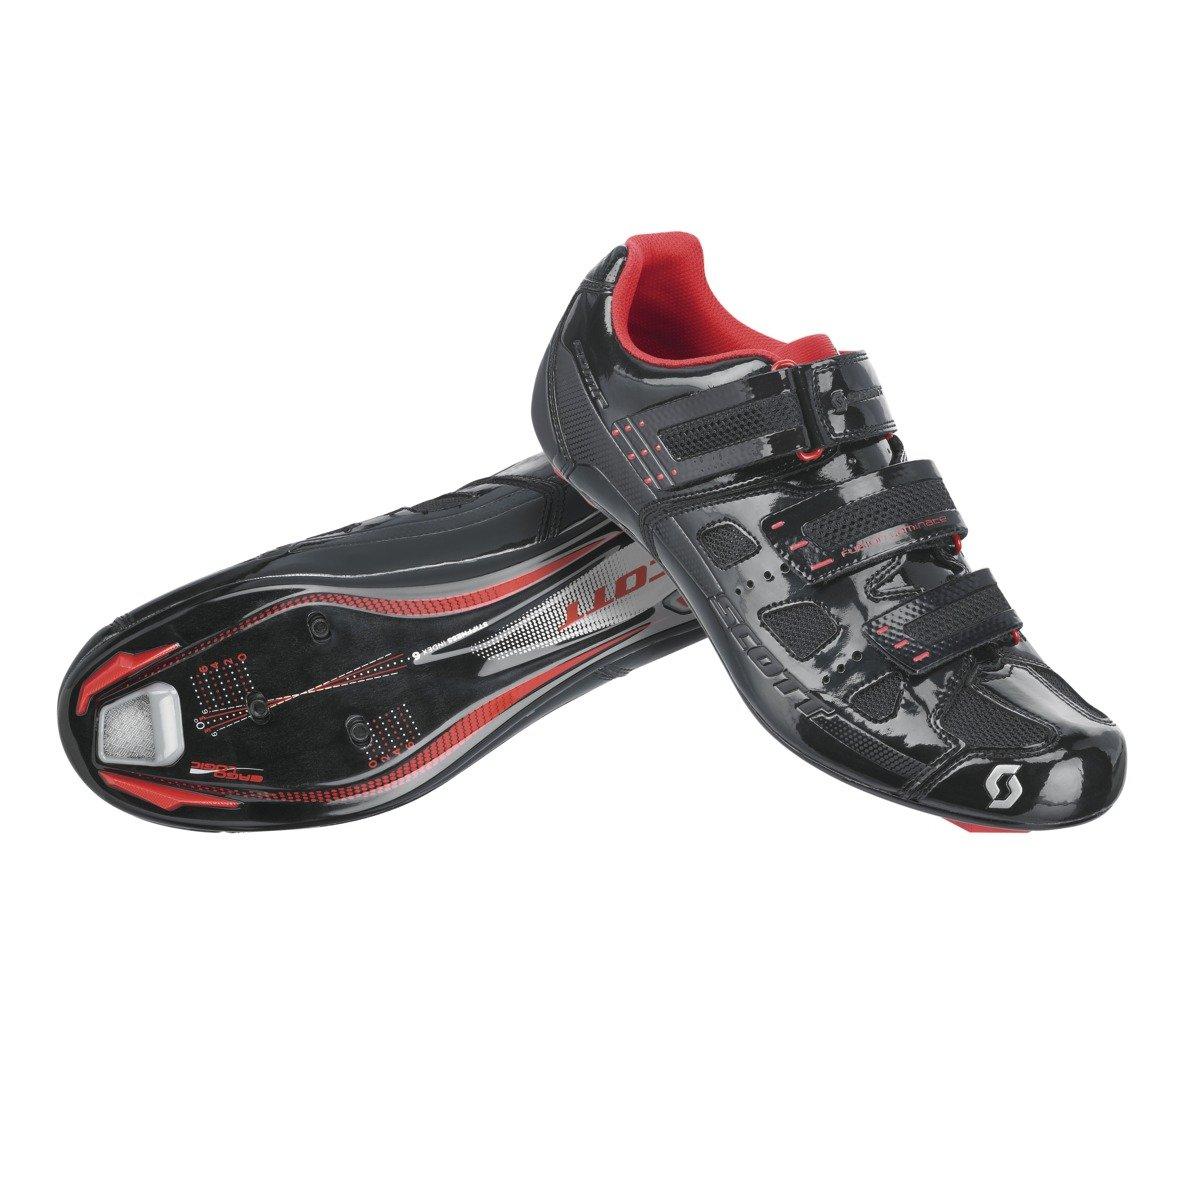 SCOTT(スコット) バイクシューズ Road Comp ブラックグロス、レッド B014I91LVK EUR43/27.5cm